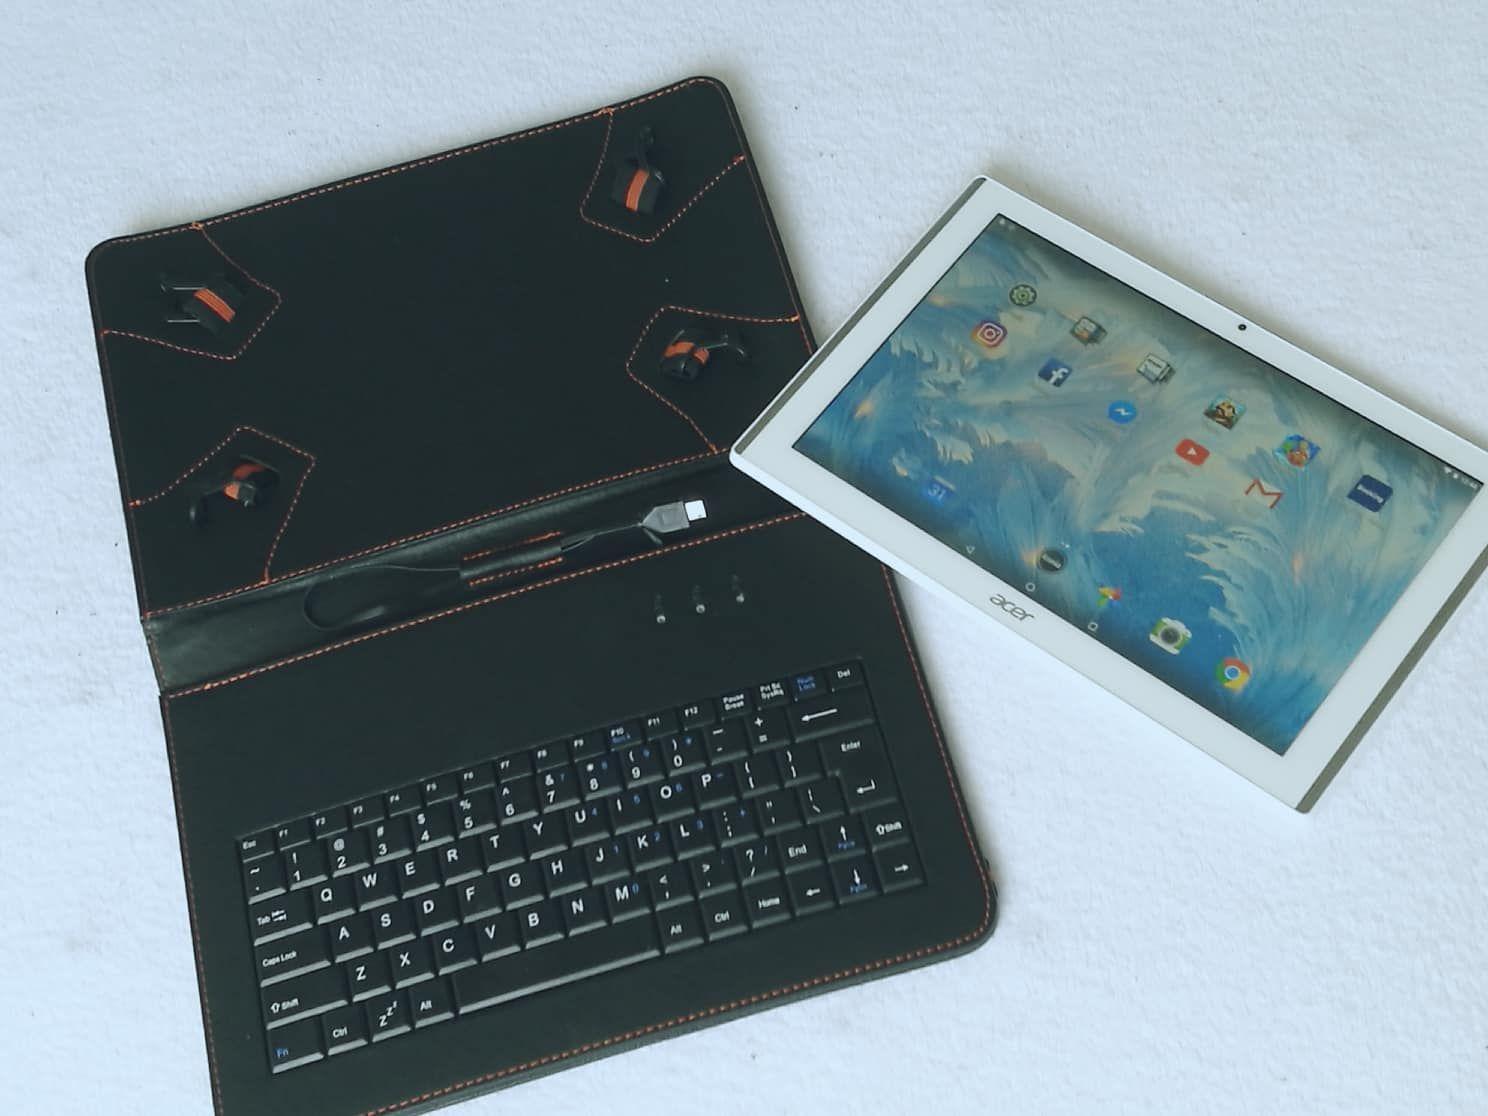 f50f9bc2a Darček, s ktorým som absolútne nerátala a ktorý ma veľmi prekvapil a  potešil, bol tablet Acer Iconia One 10 a k nemu púzdro aj s klávesnicou.